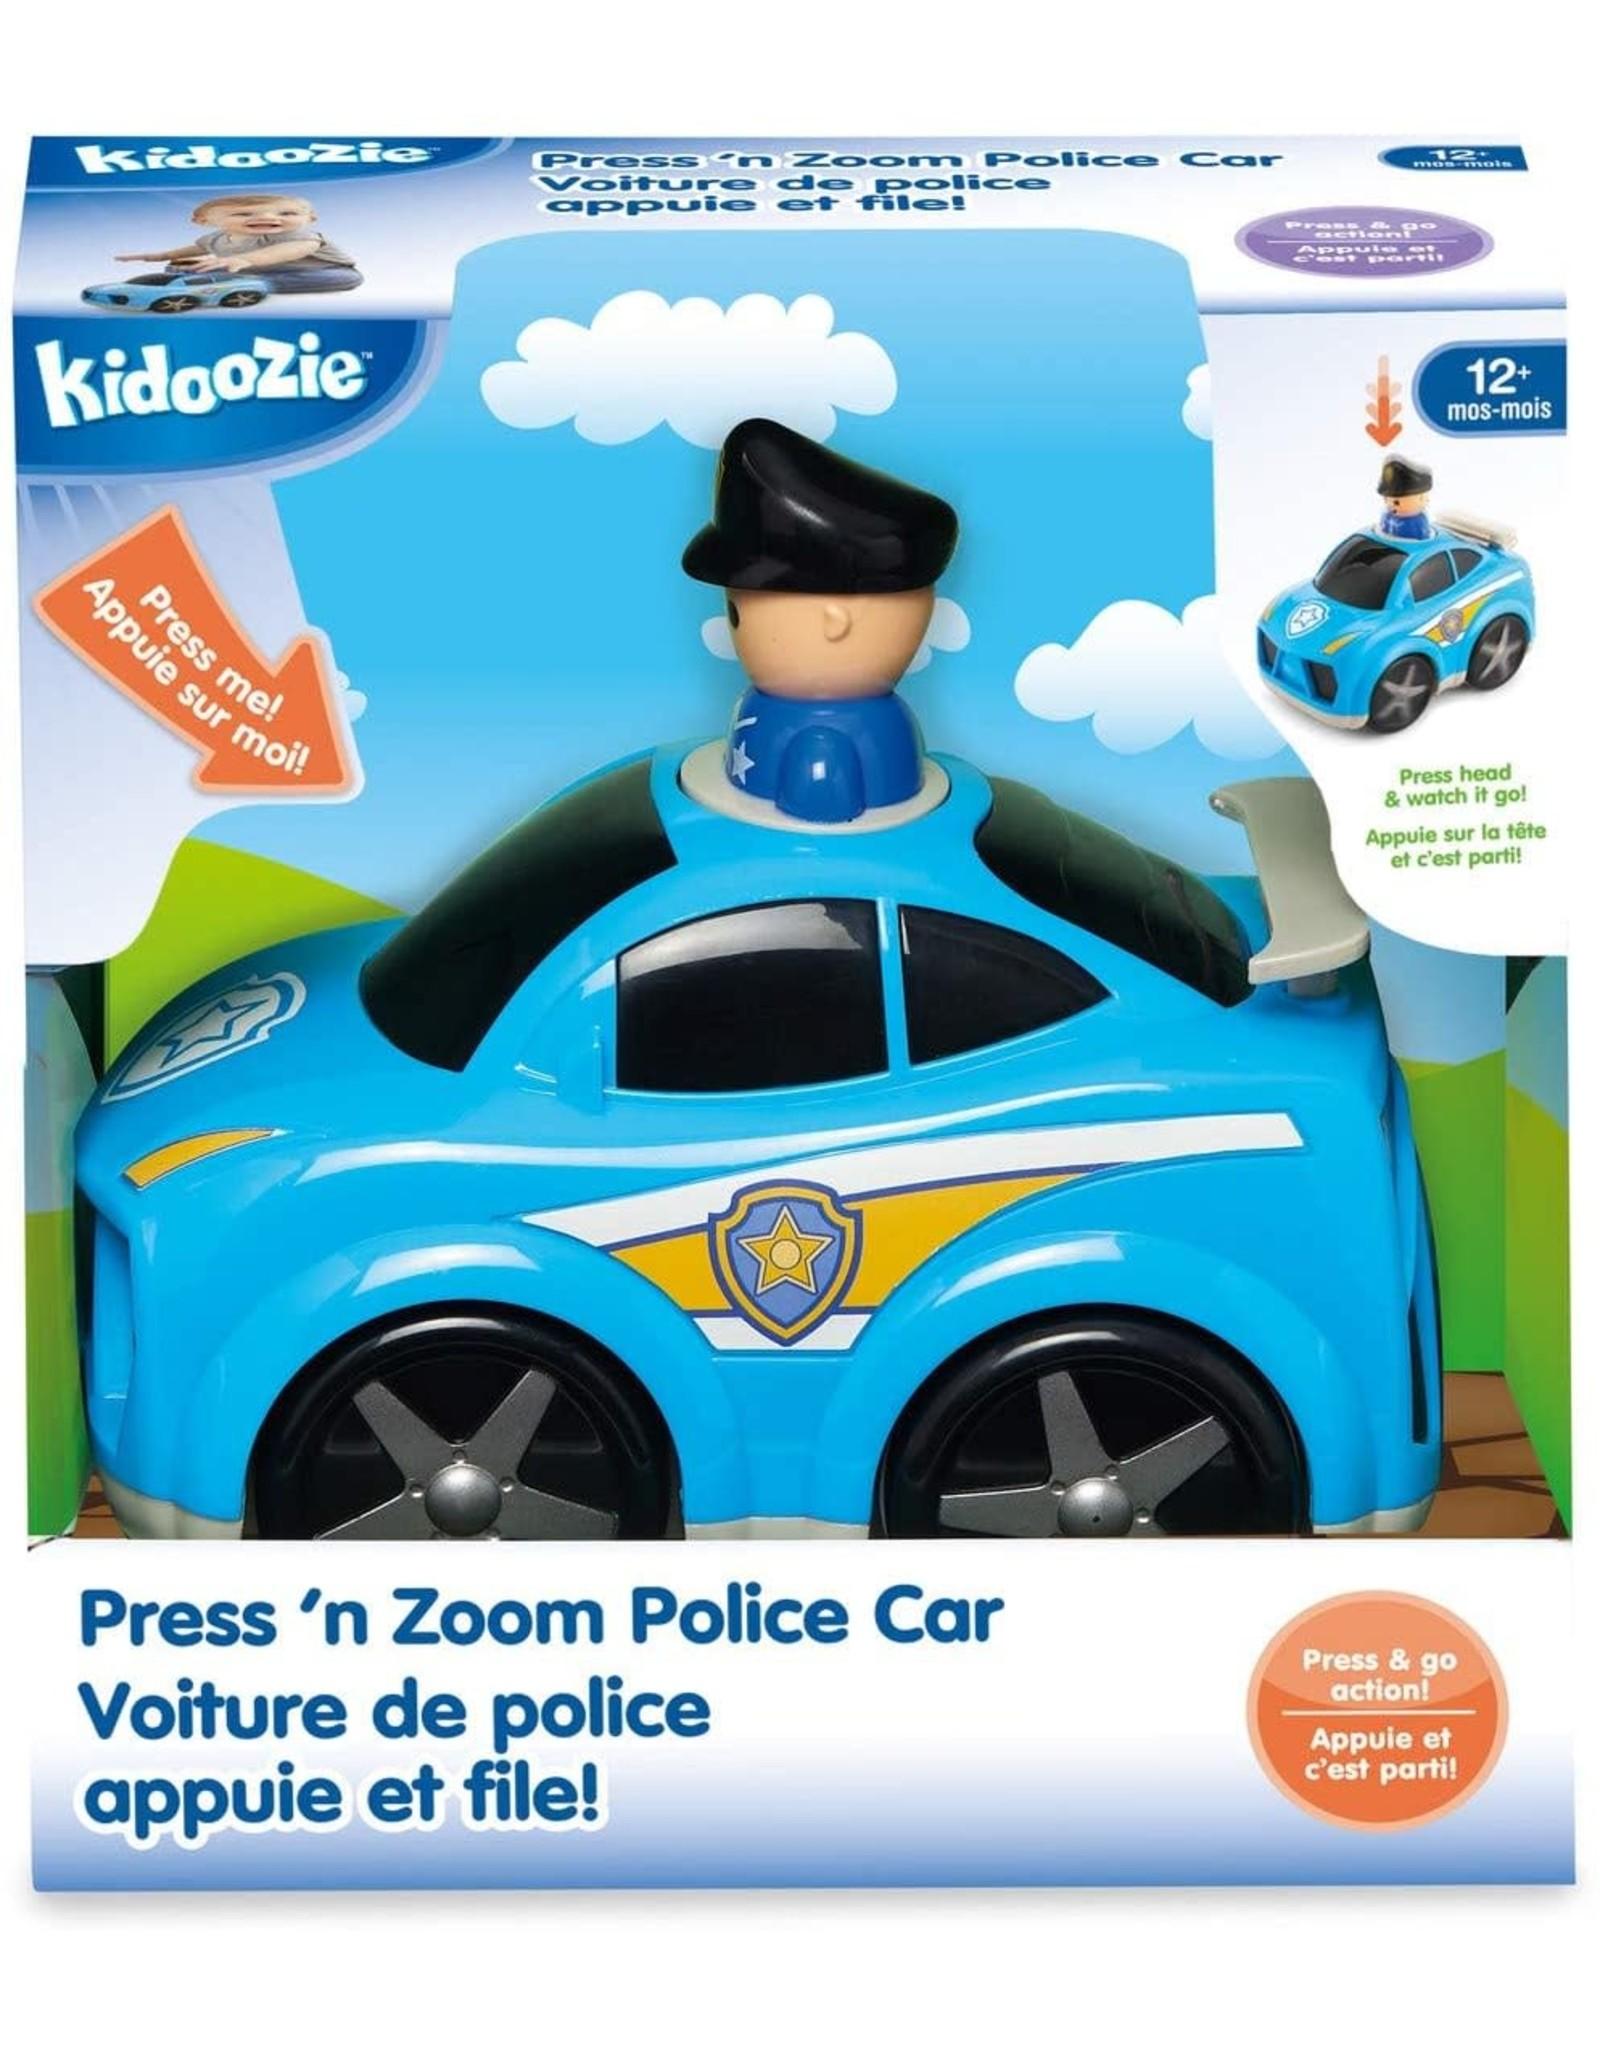 Press N Zoom Police Car Kidoozie